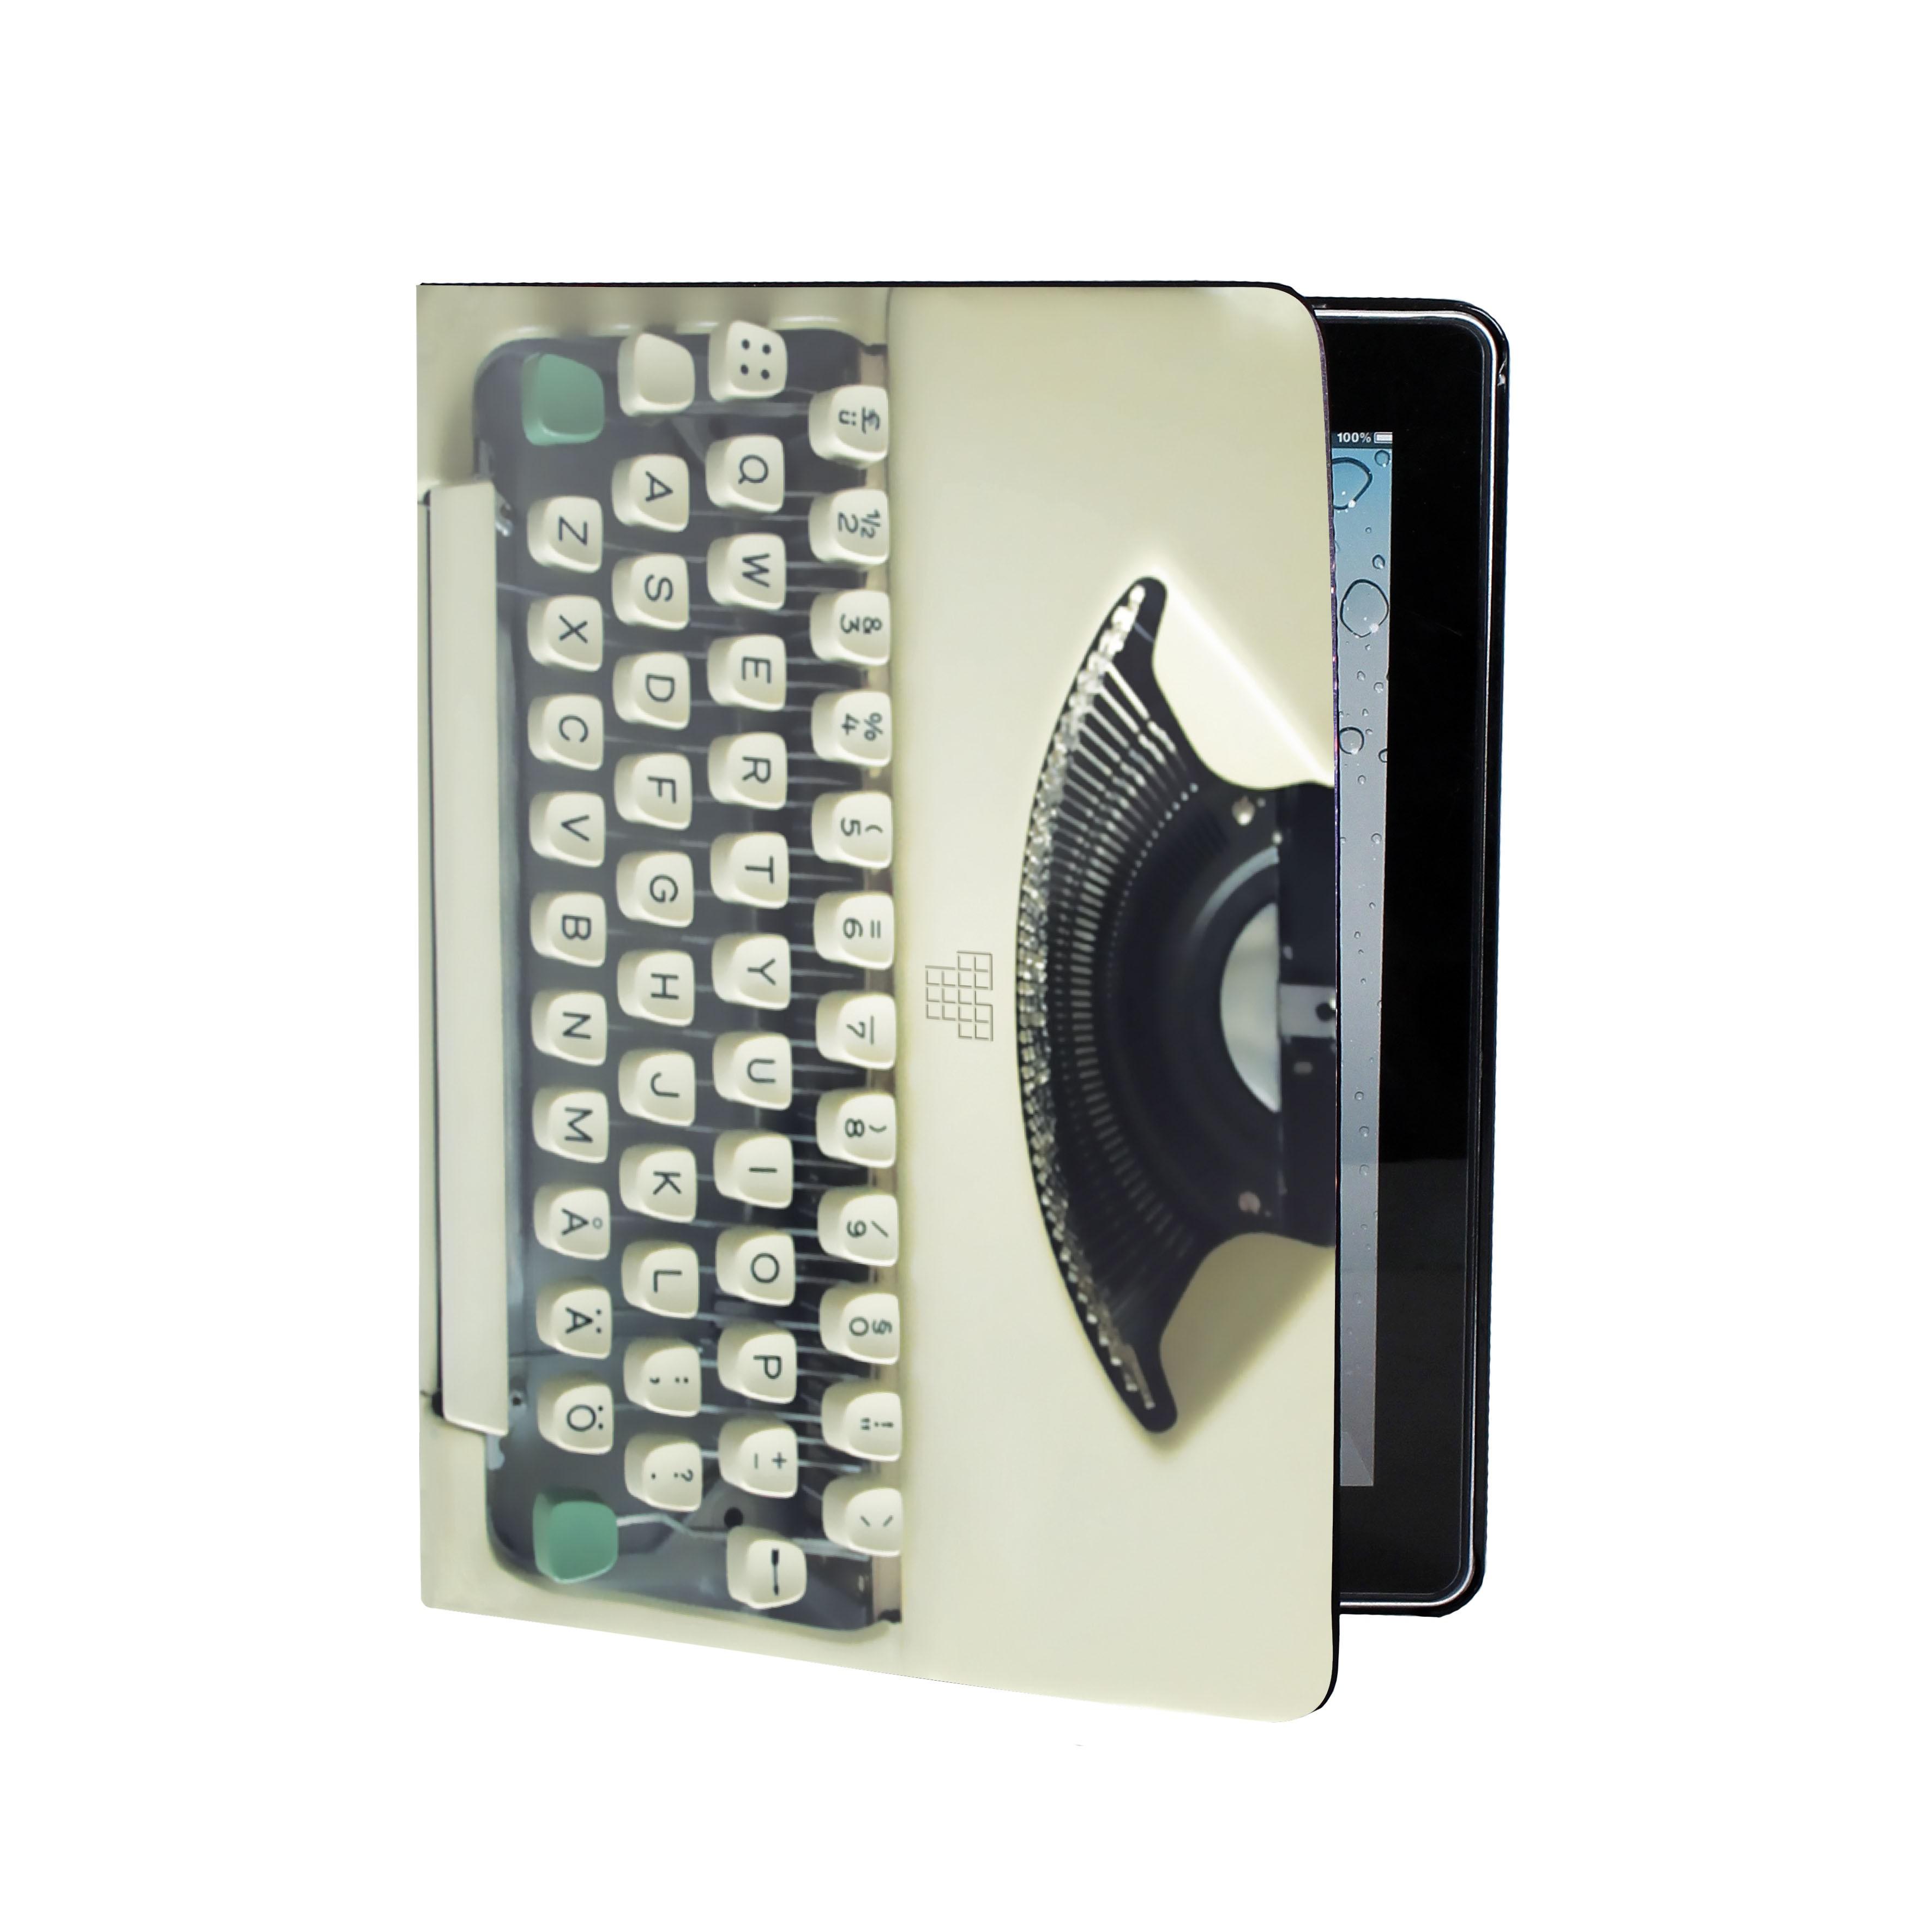 Obal Dedicated Typewriter Ipad Book multi